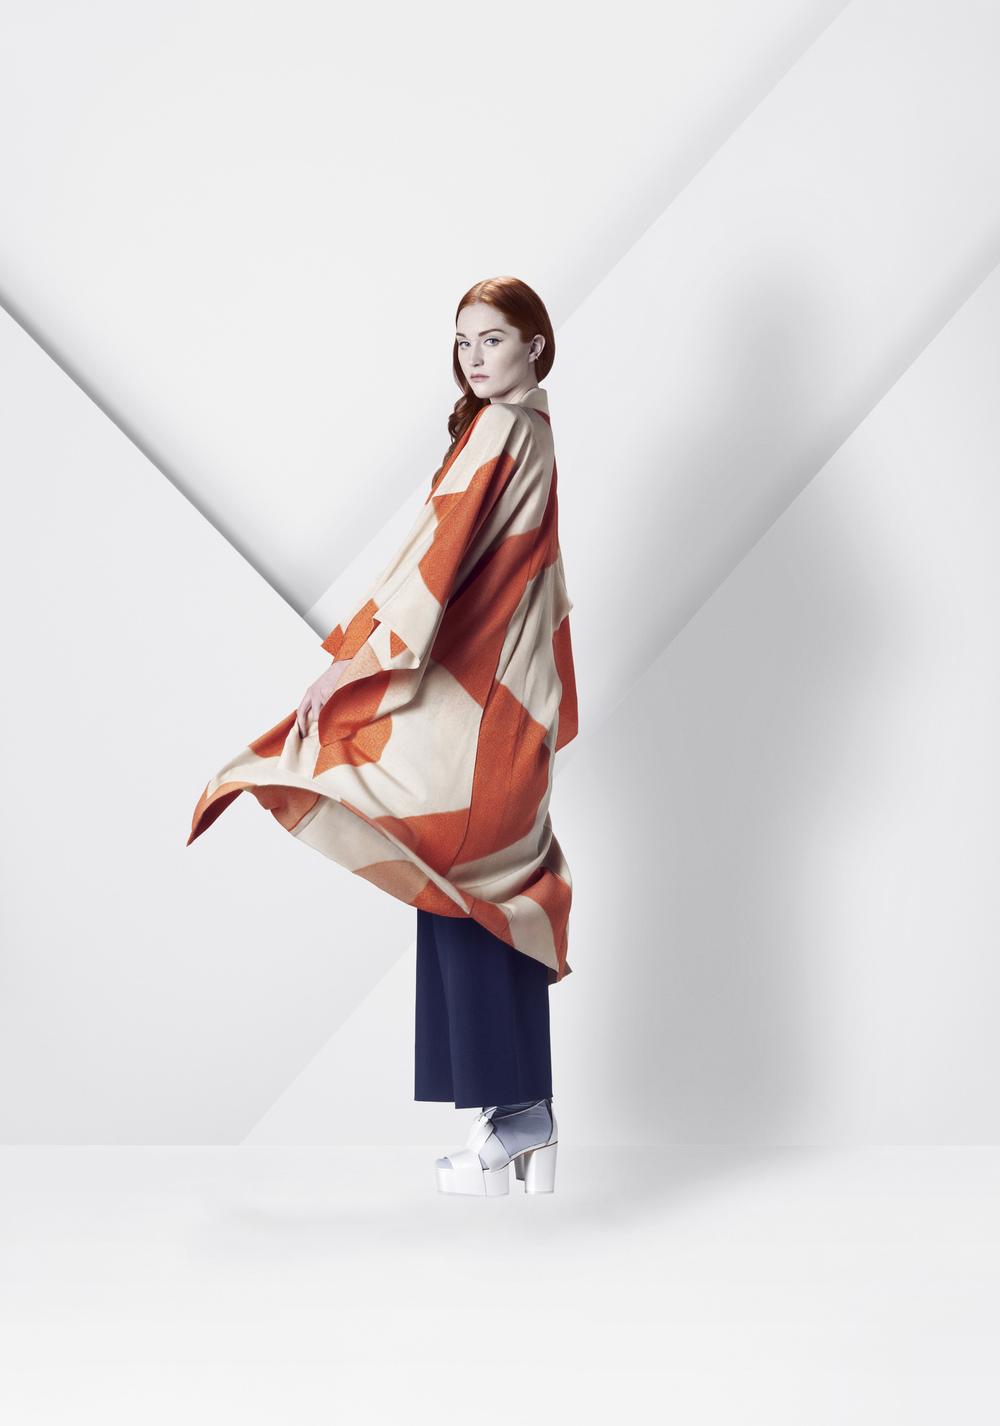 13_3_23_Kimono _0378_F3.jpg